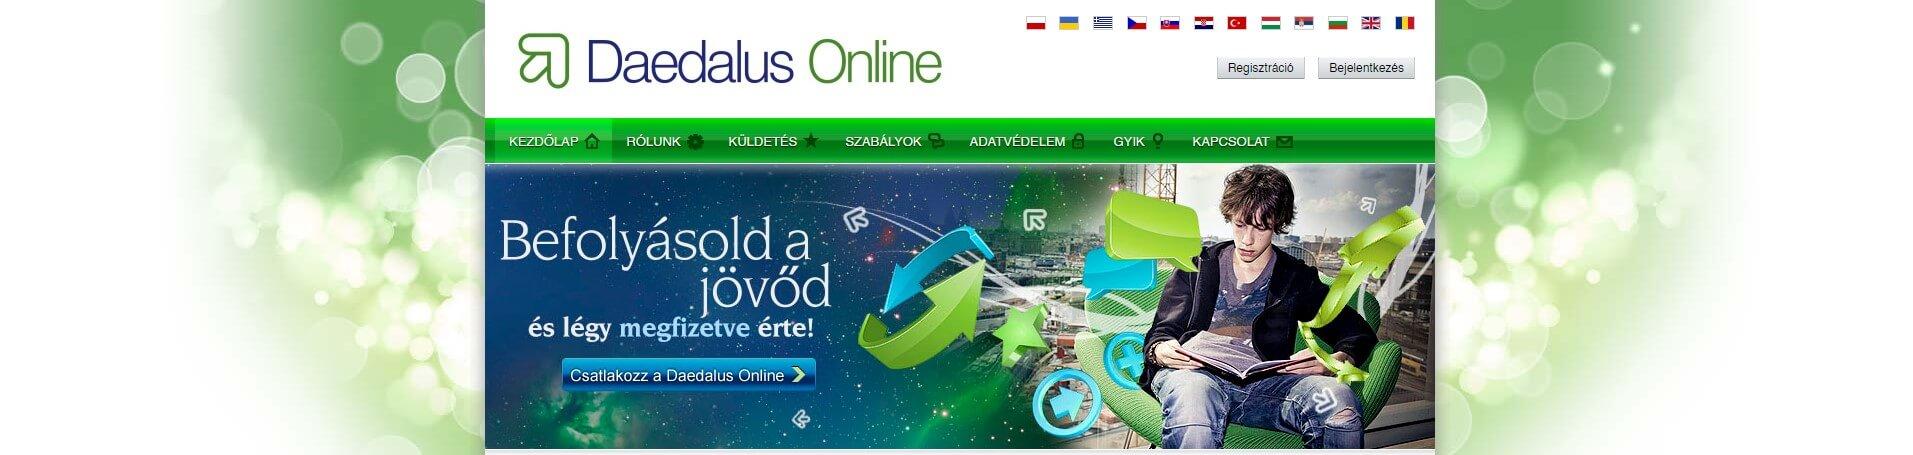 Online Pénzkeresés játékkal, játékokkal